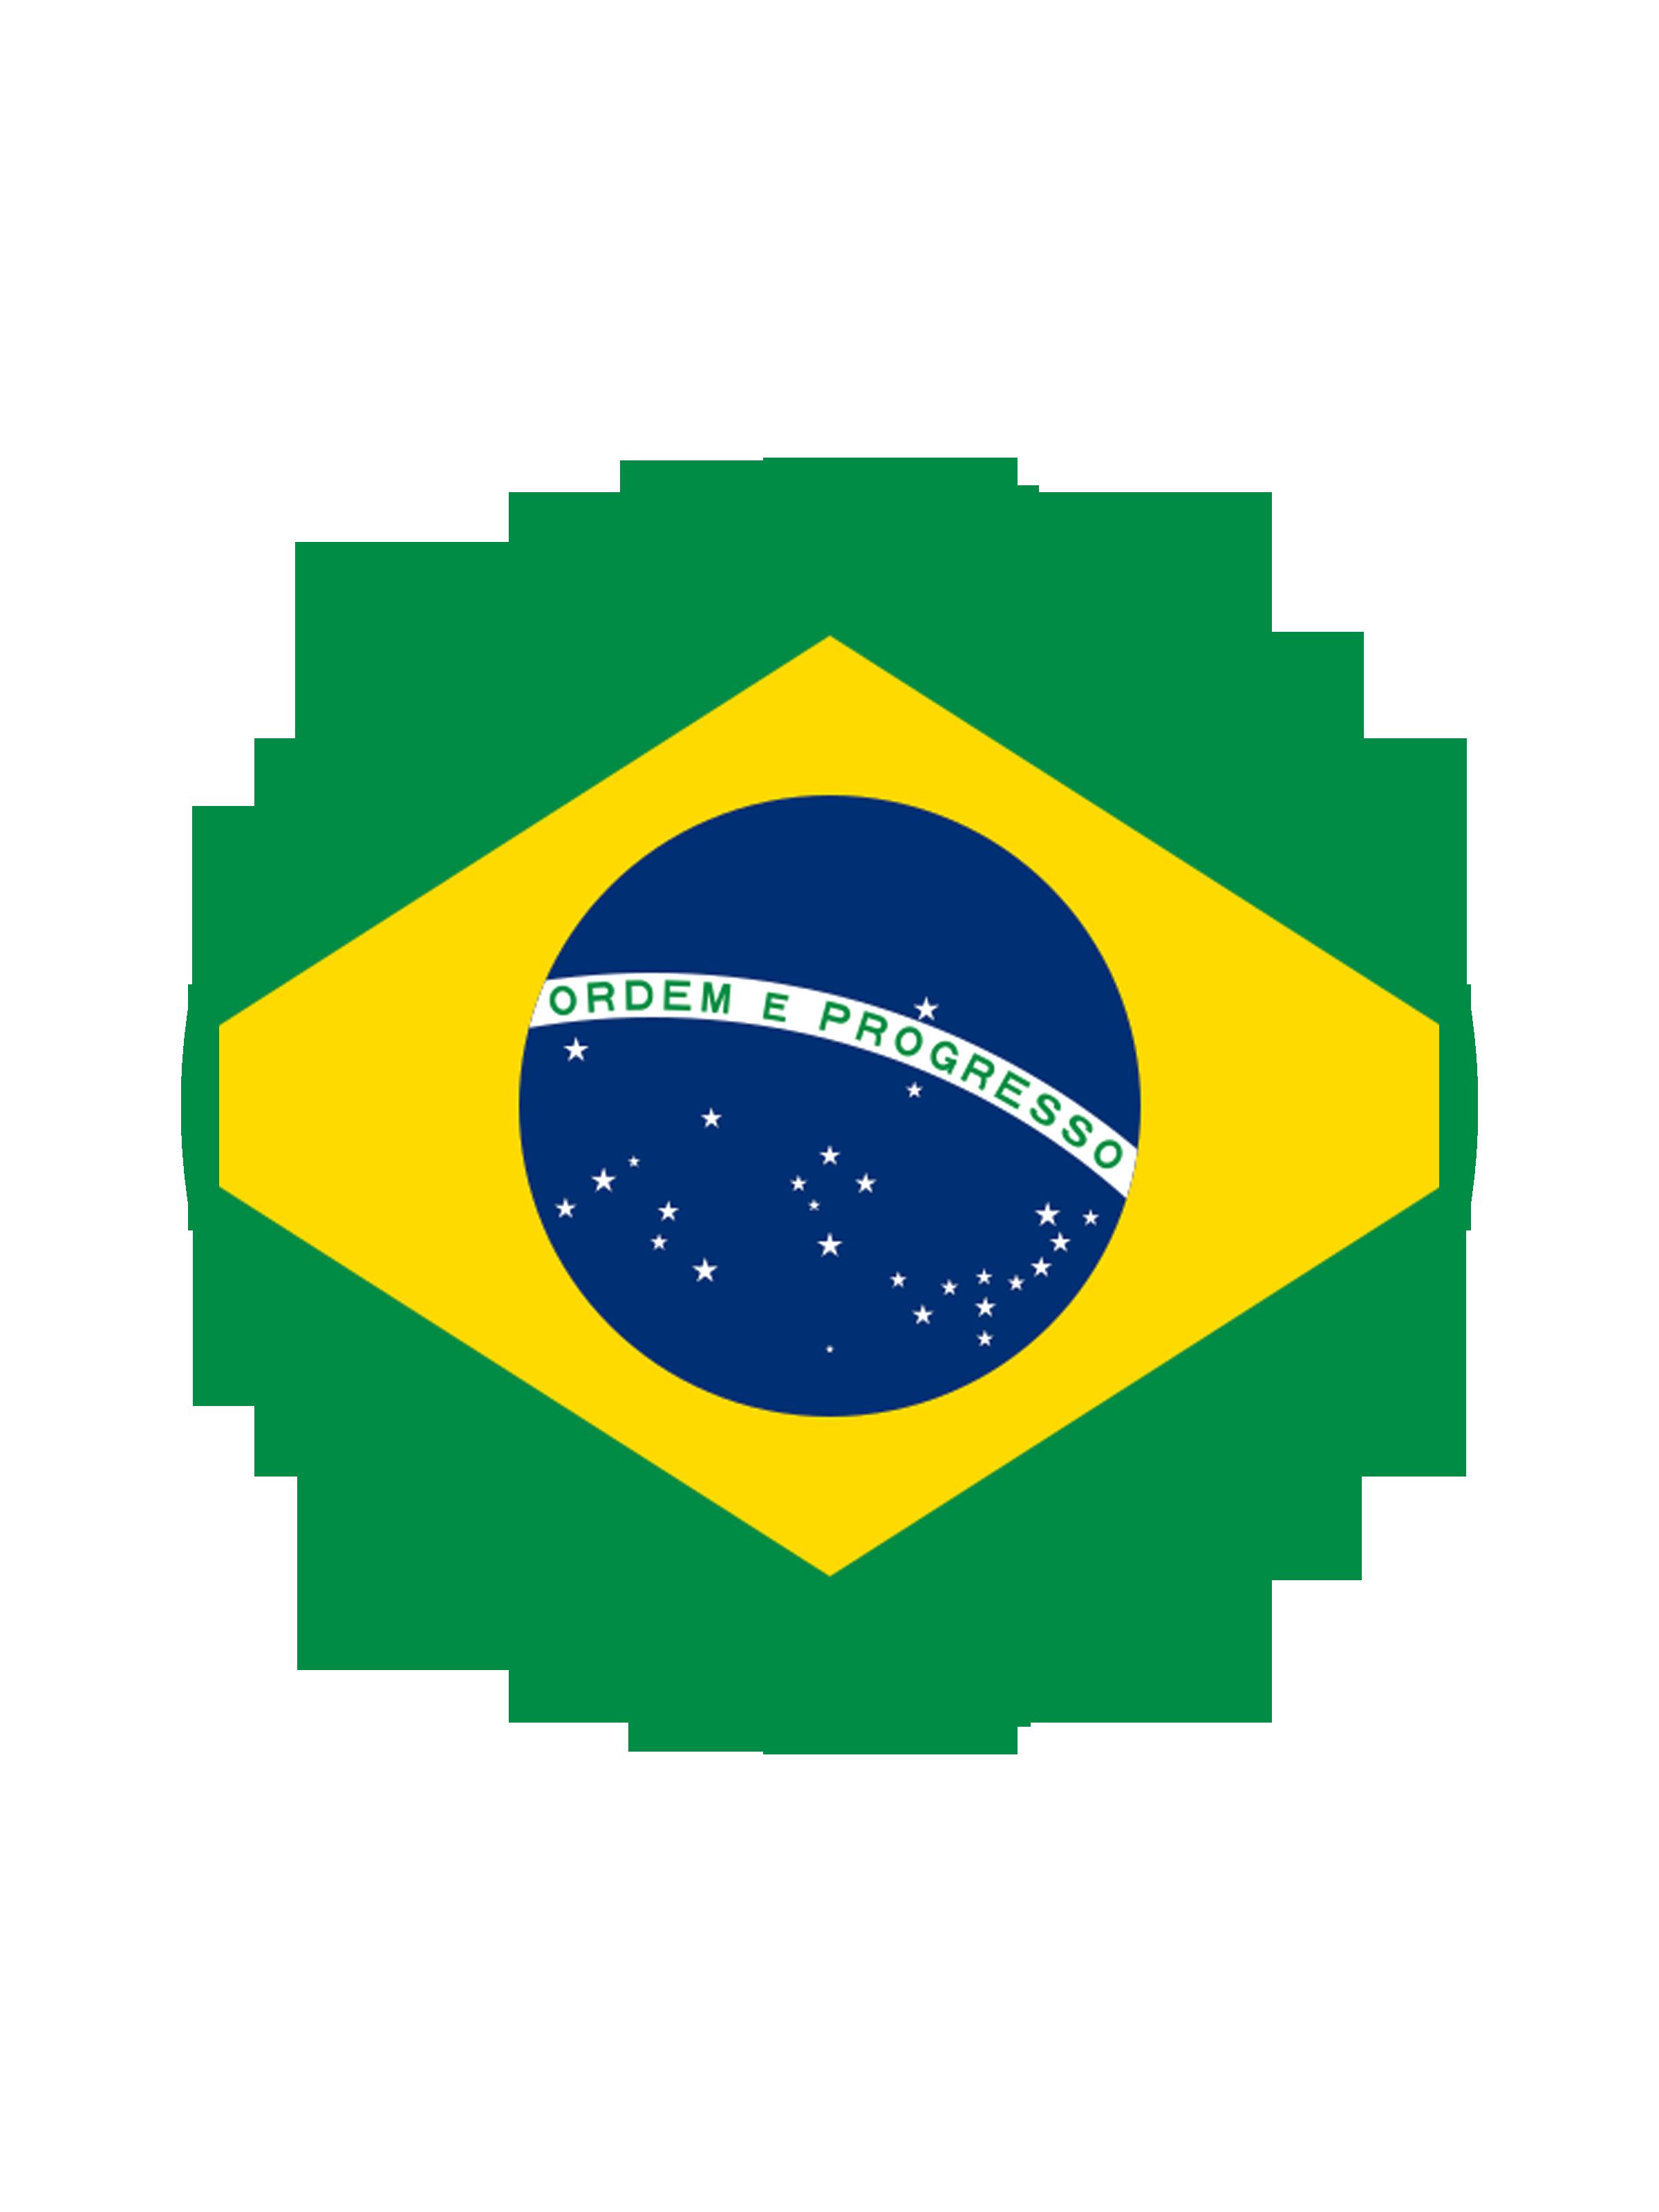 Flag Brazil National Symbols Brazil Flag Brazil